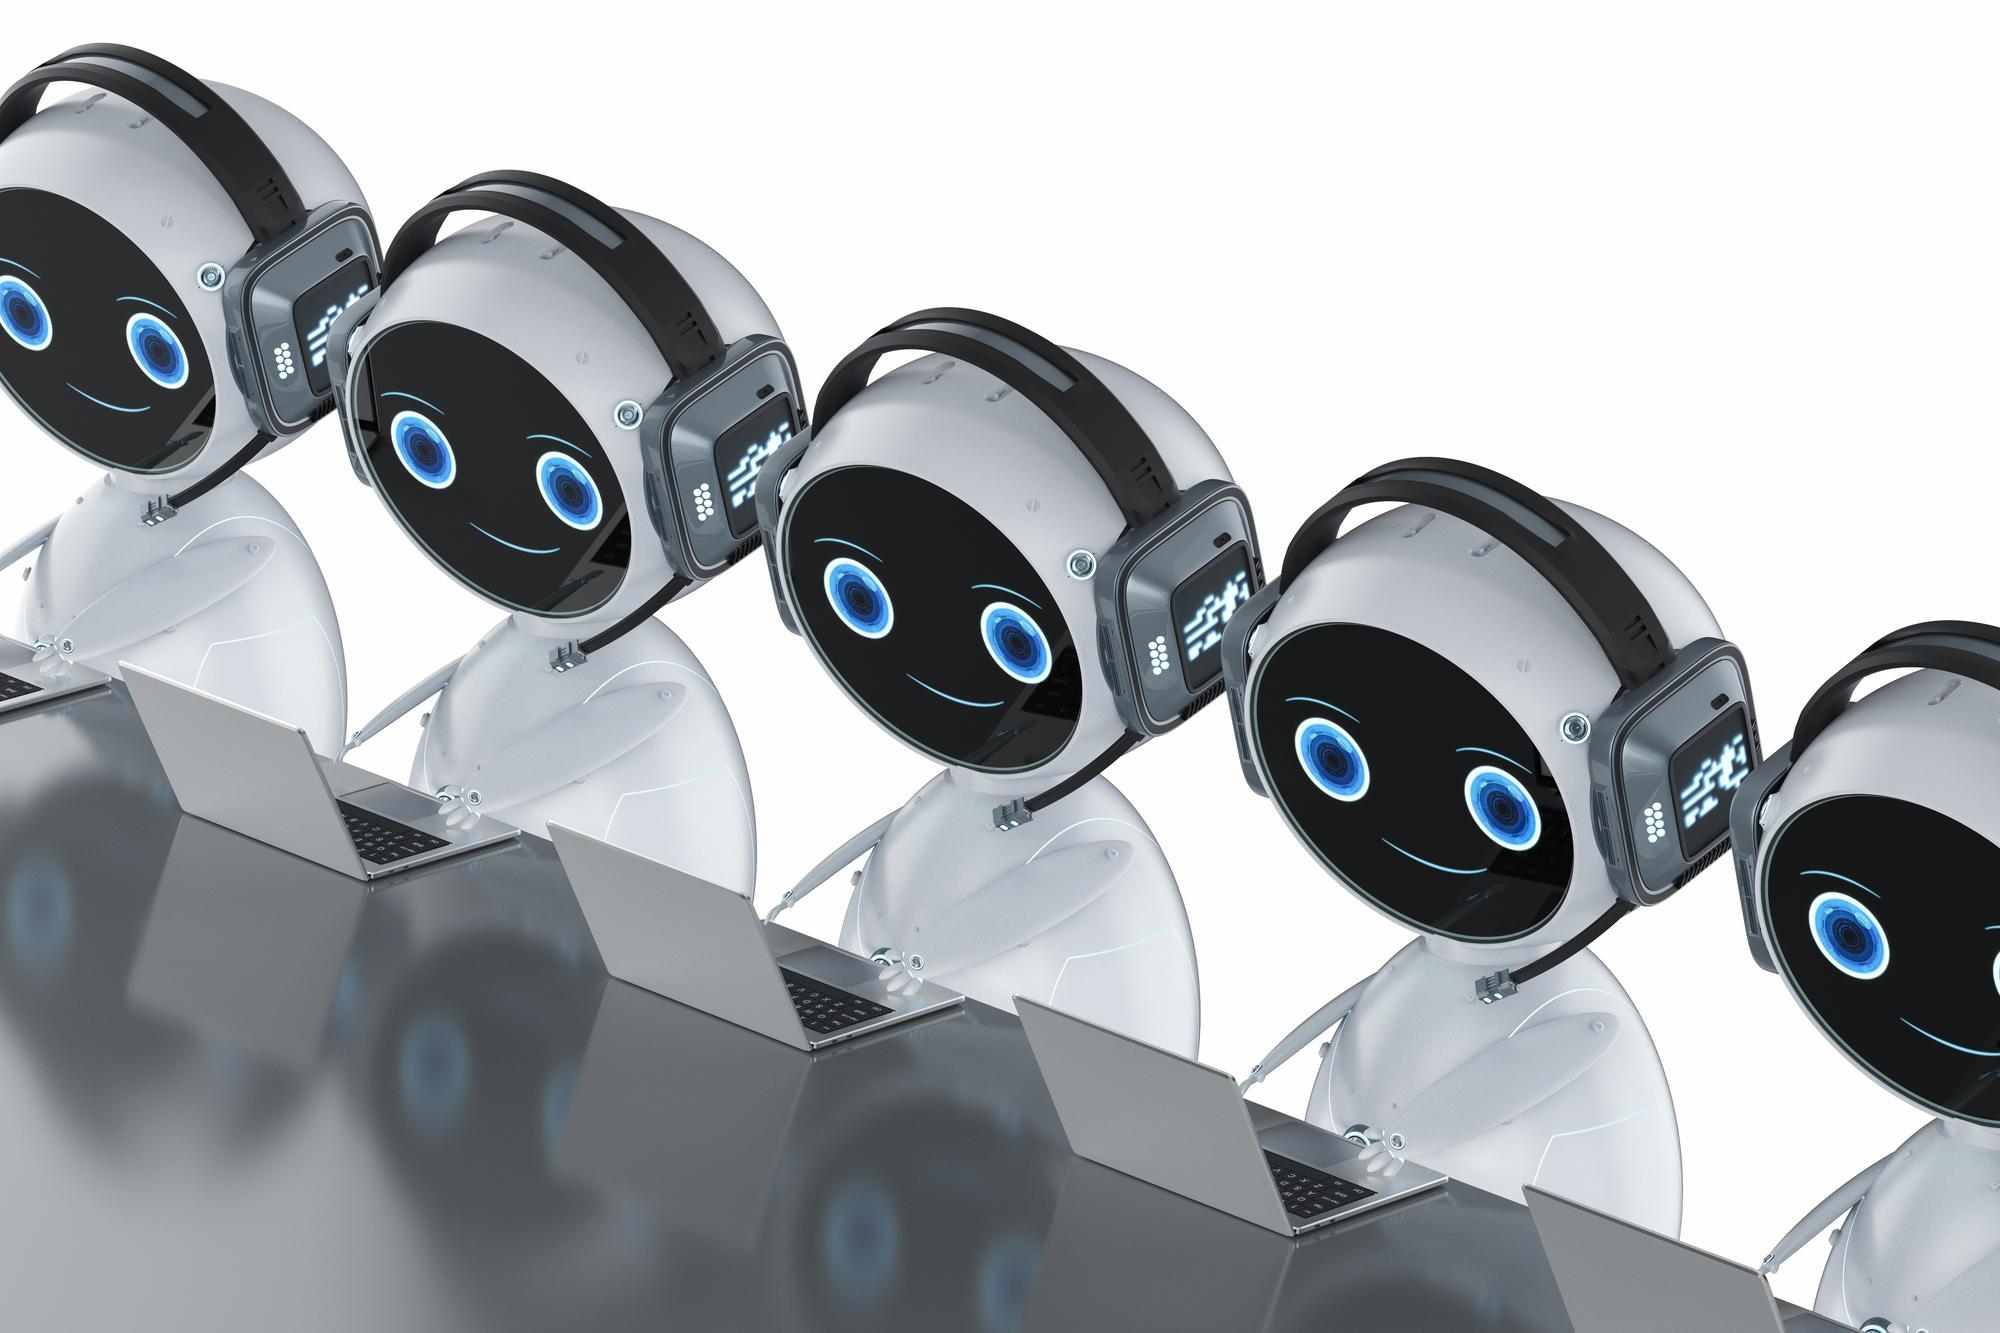 カスタマーサポートを自動化する方法とは?サービスやツールを紹介